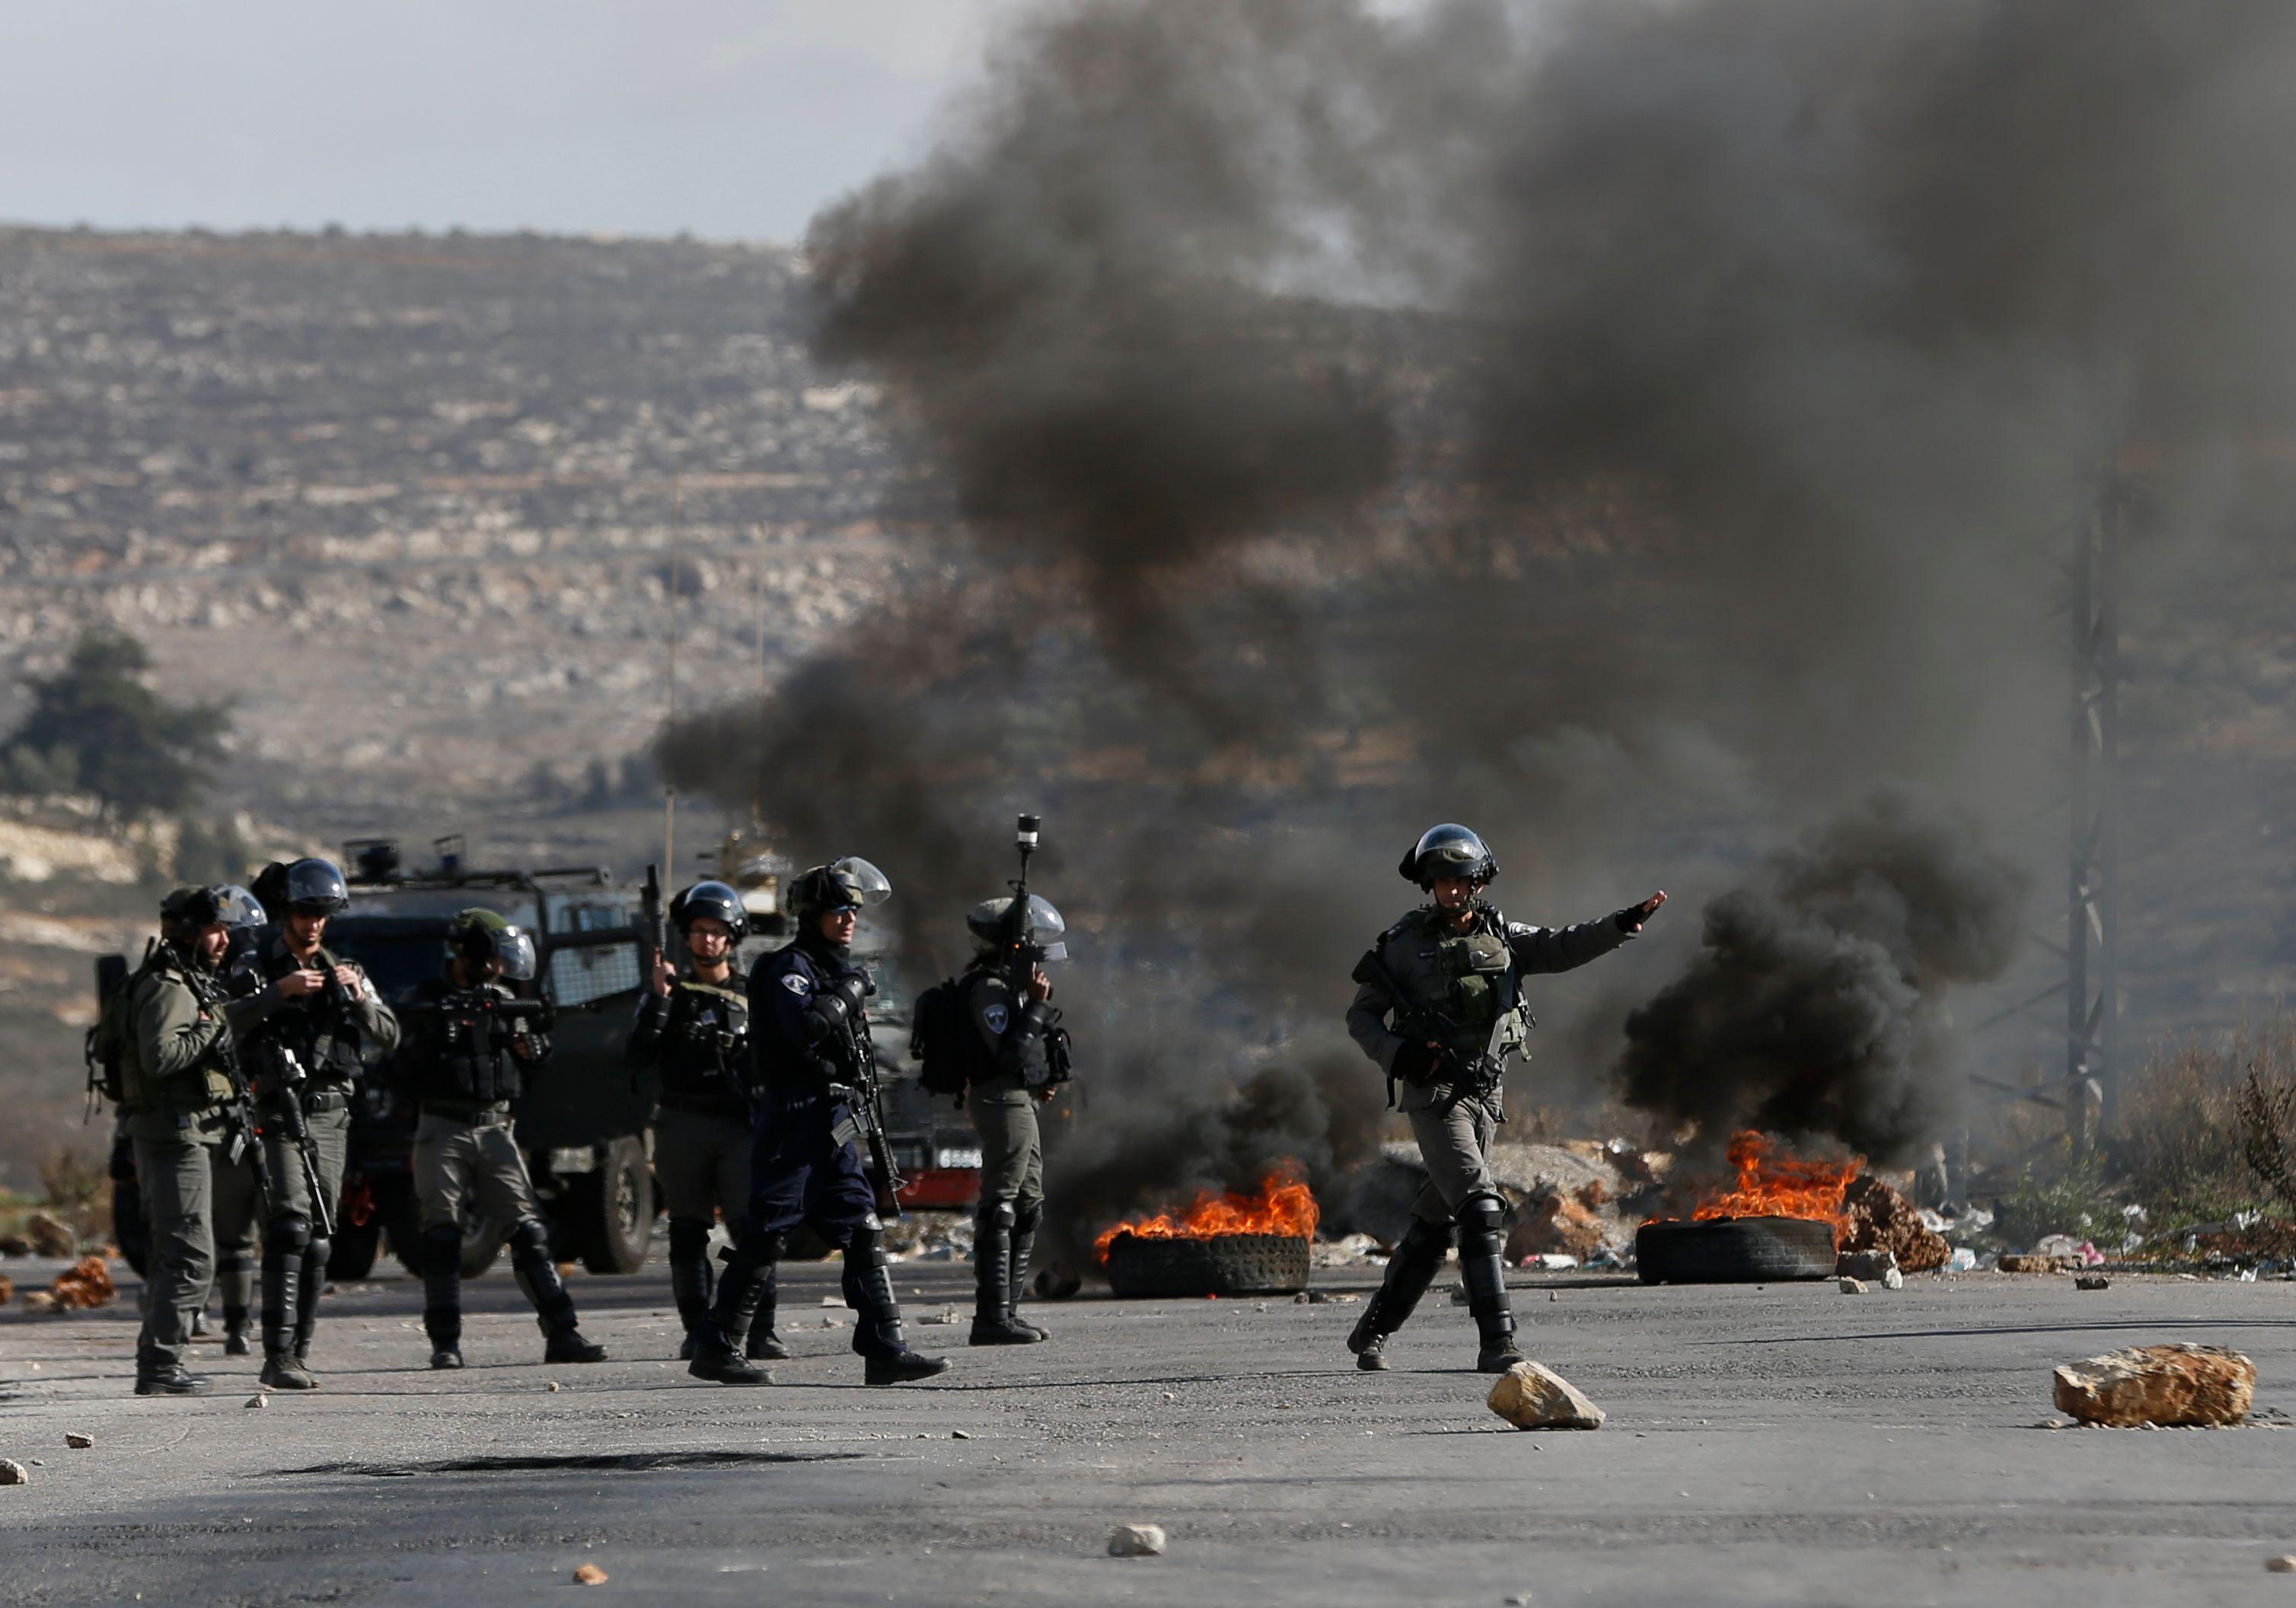 عنف جنود الاحتلال ضد الفلسطينيون العزل